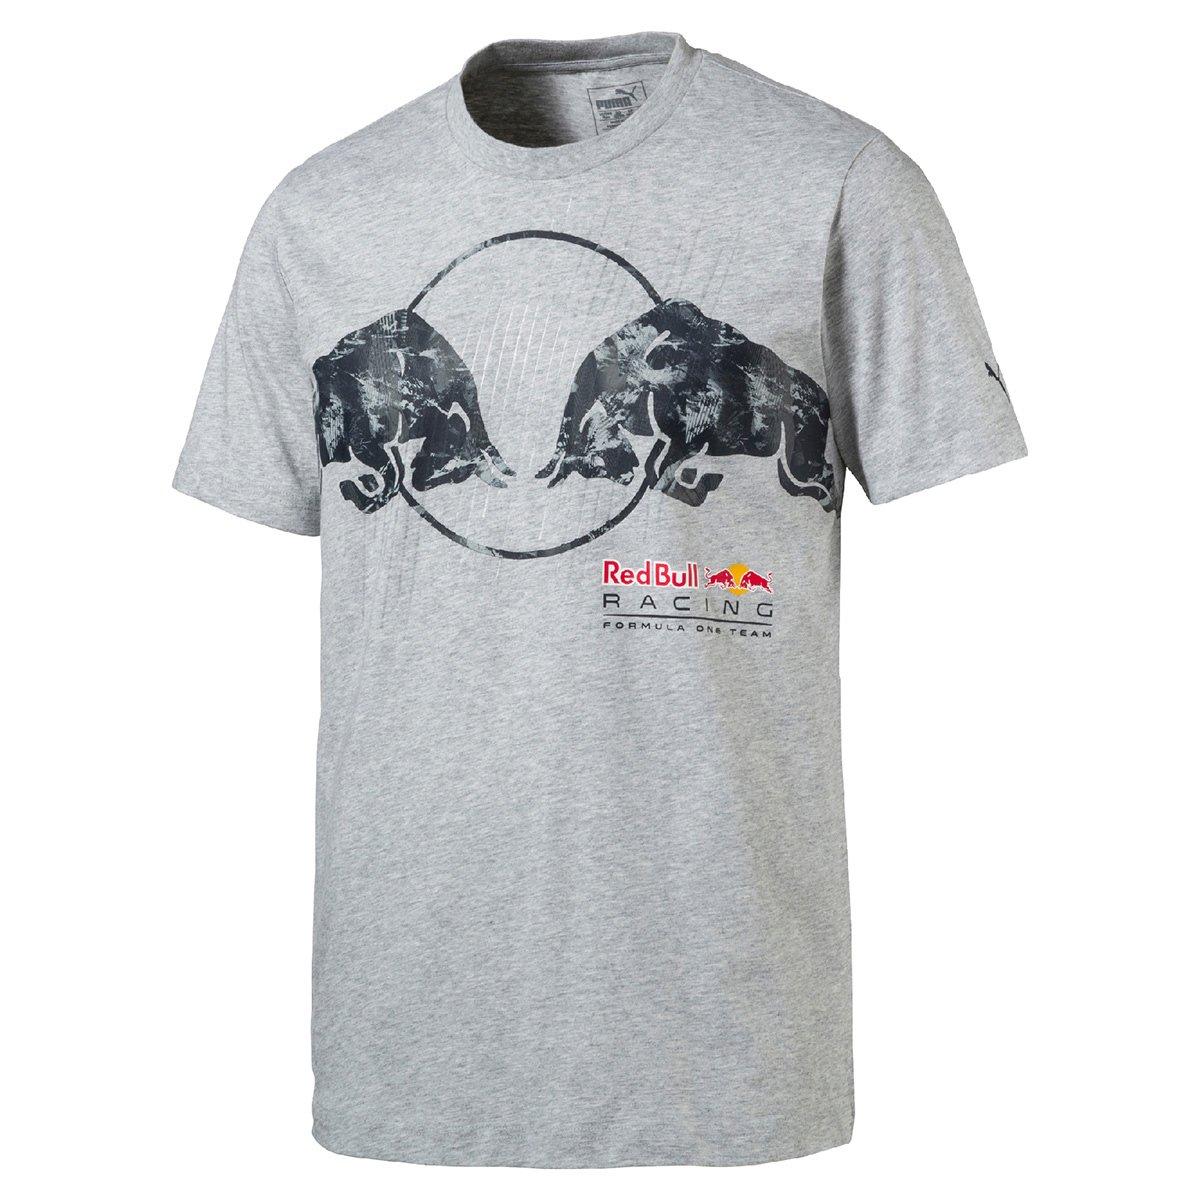 Camiseta Puma Red Bull Racing Graphic - Compre Agora  cc557ef9c8c